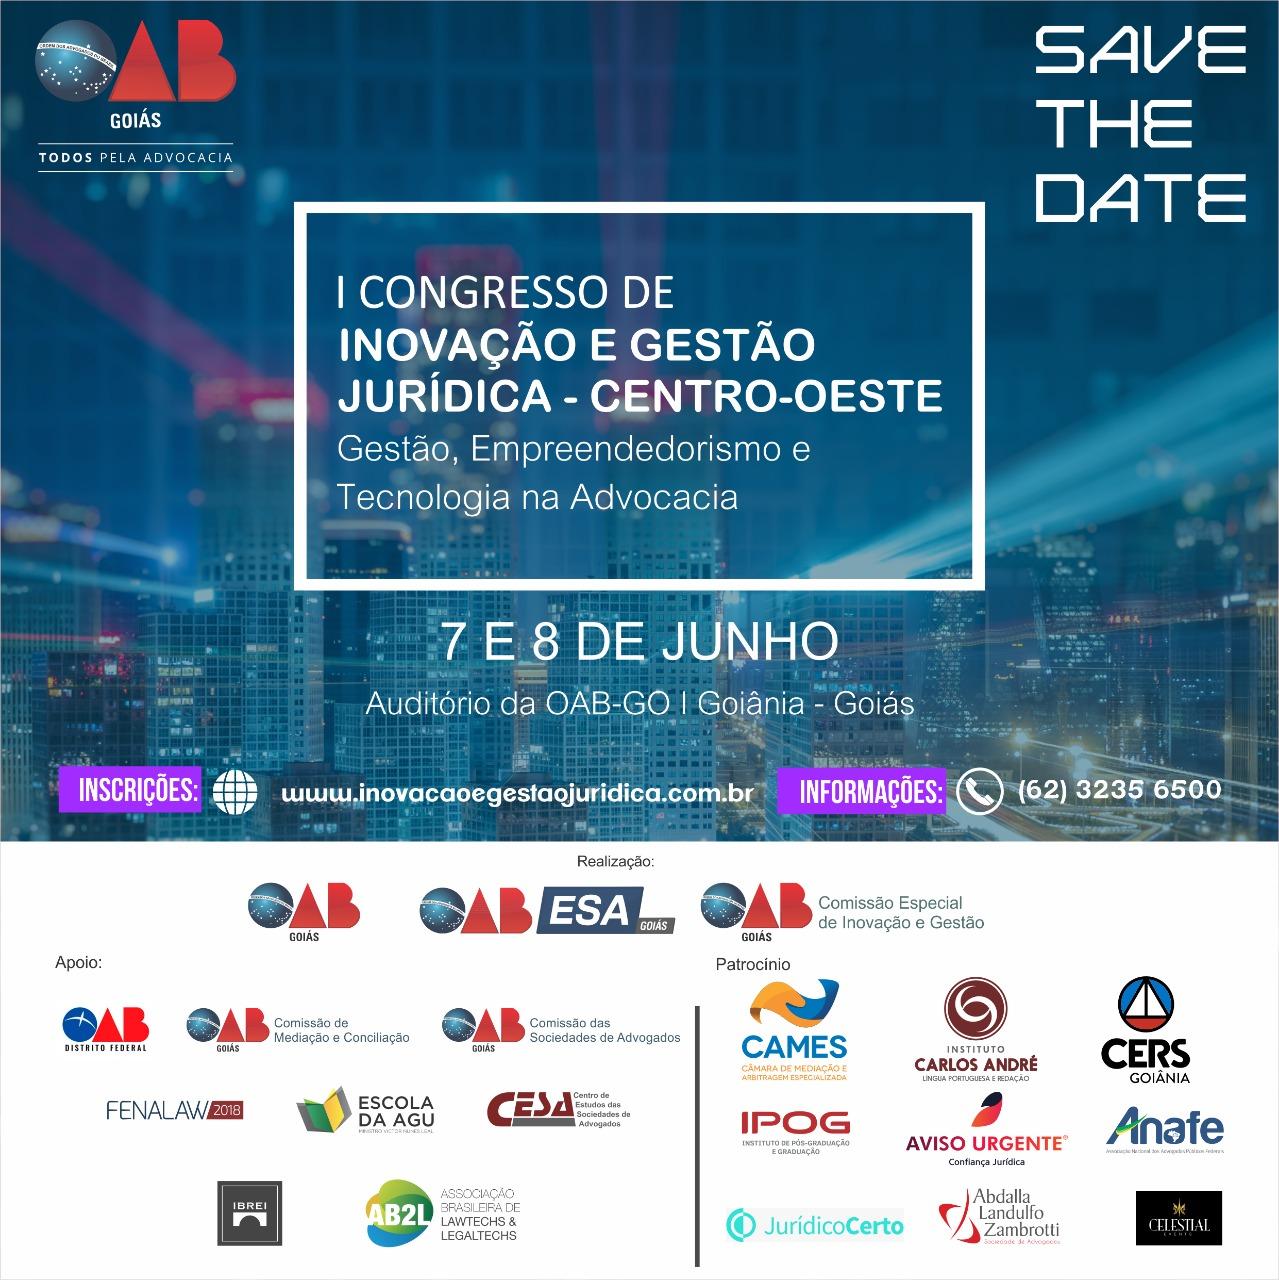 07 e 08.06 - I Congresso de Inovação e Gestão  Jurídica - Centro-Oeste